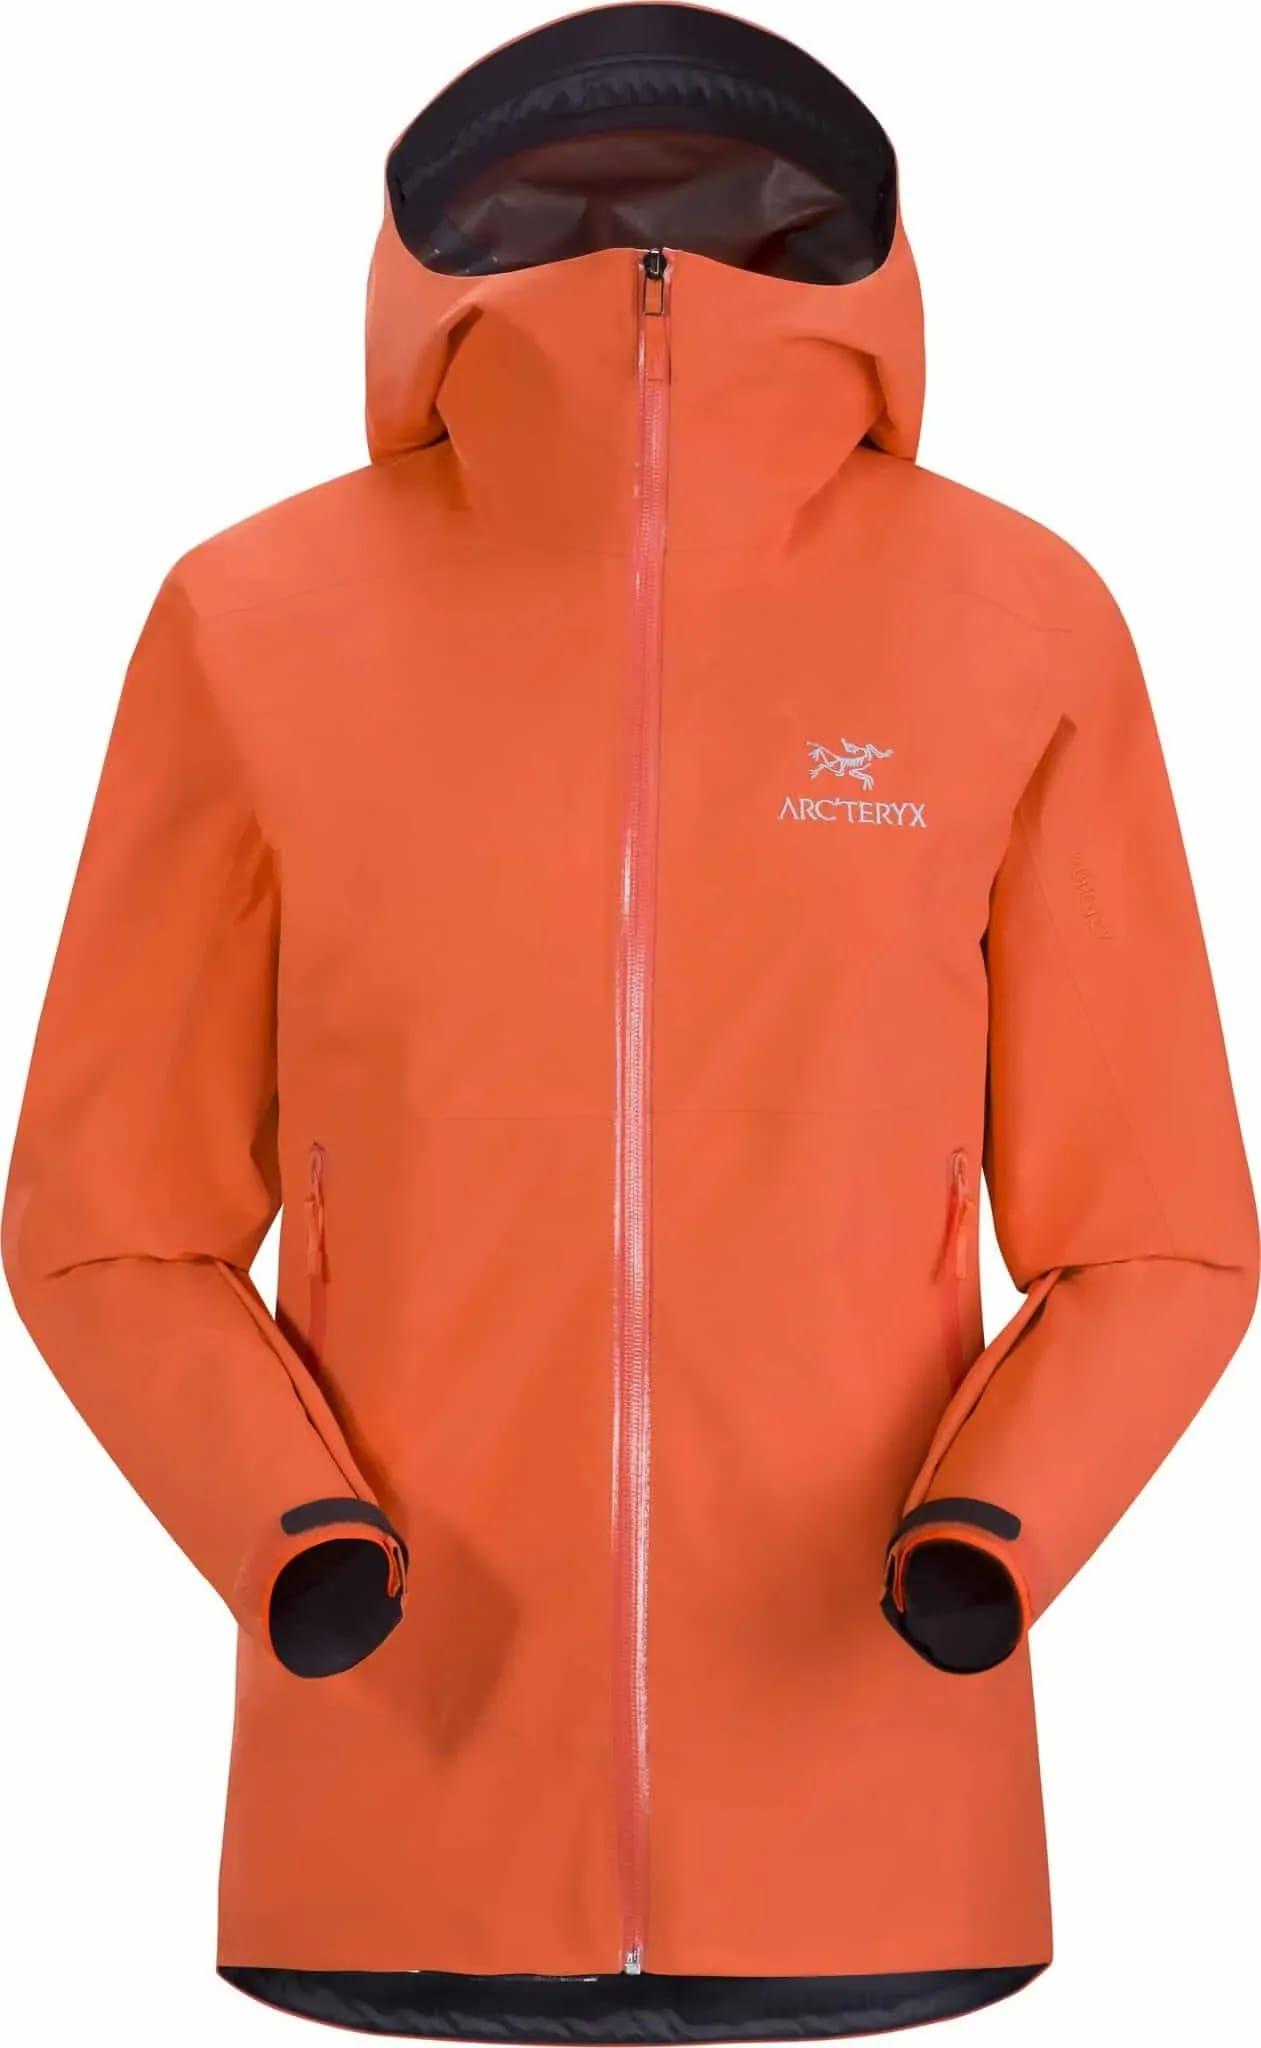 Manteau imperméable Zeta SL - Arc'teryx